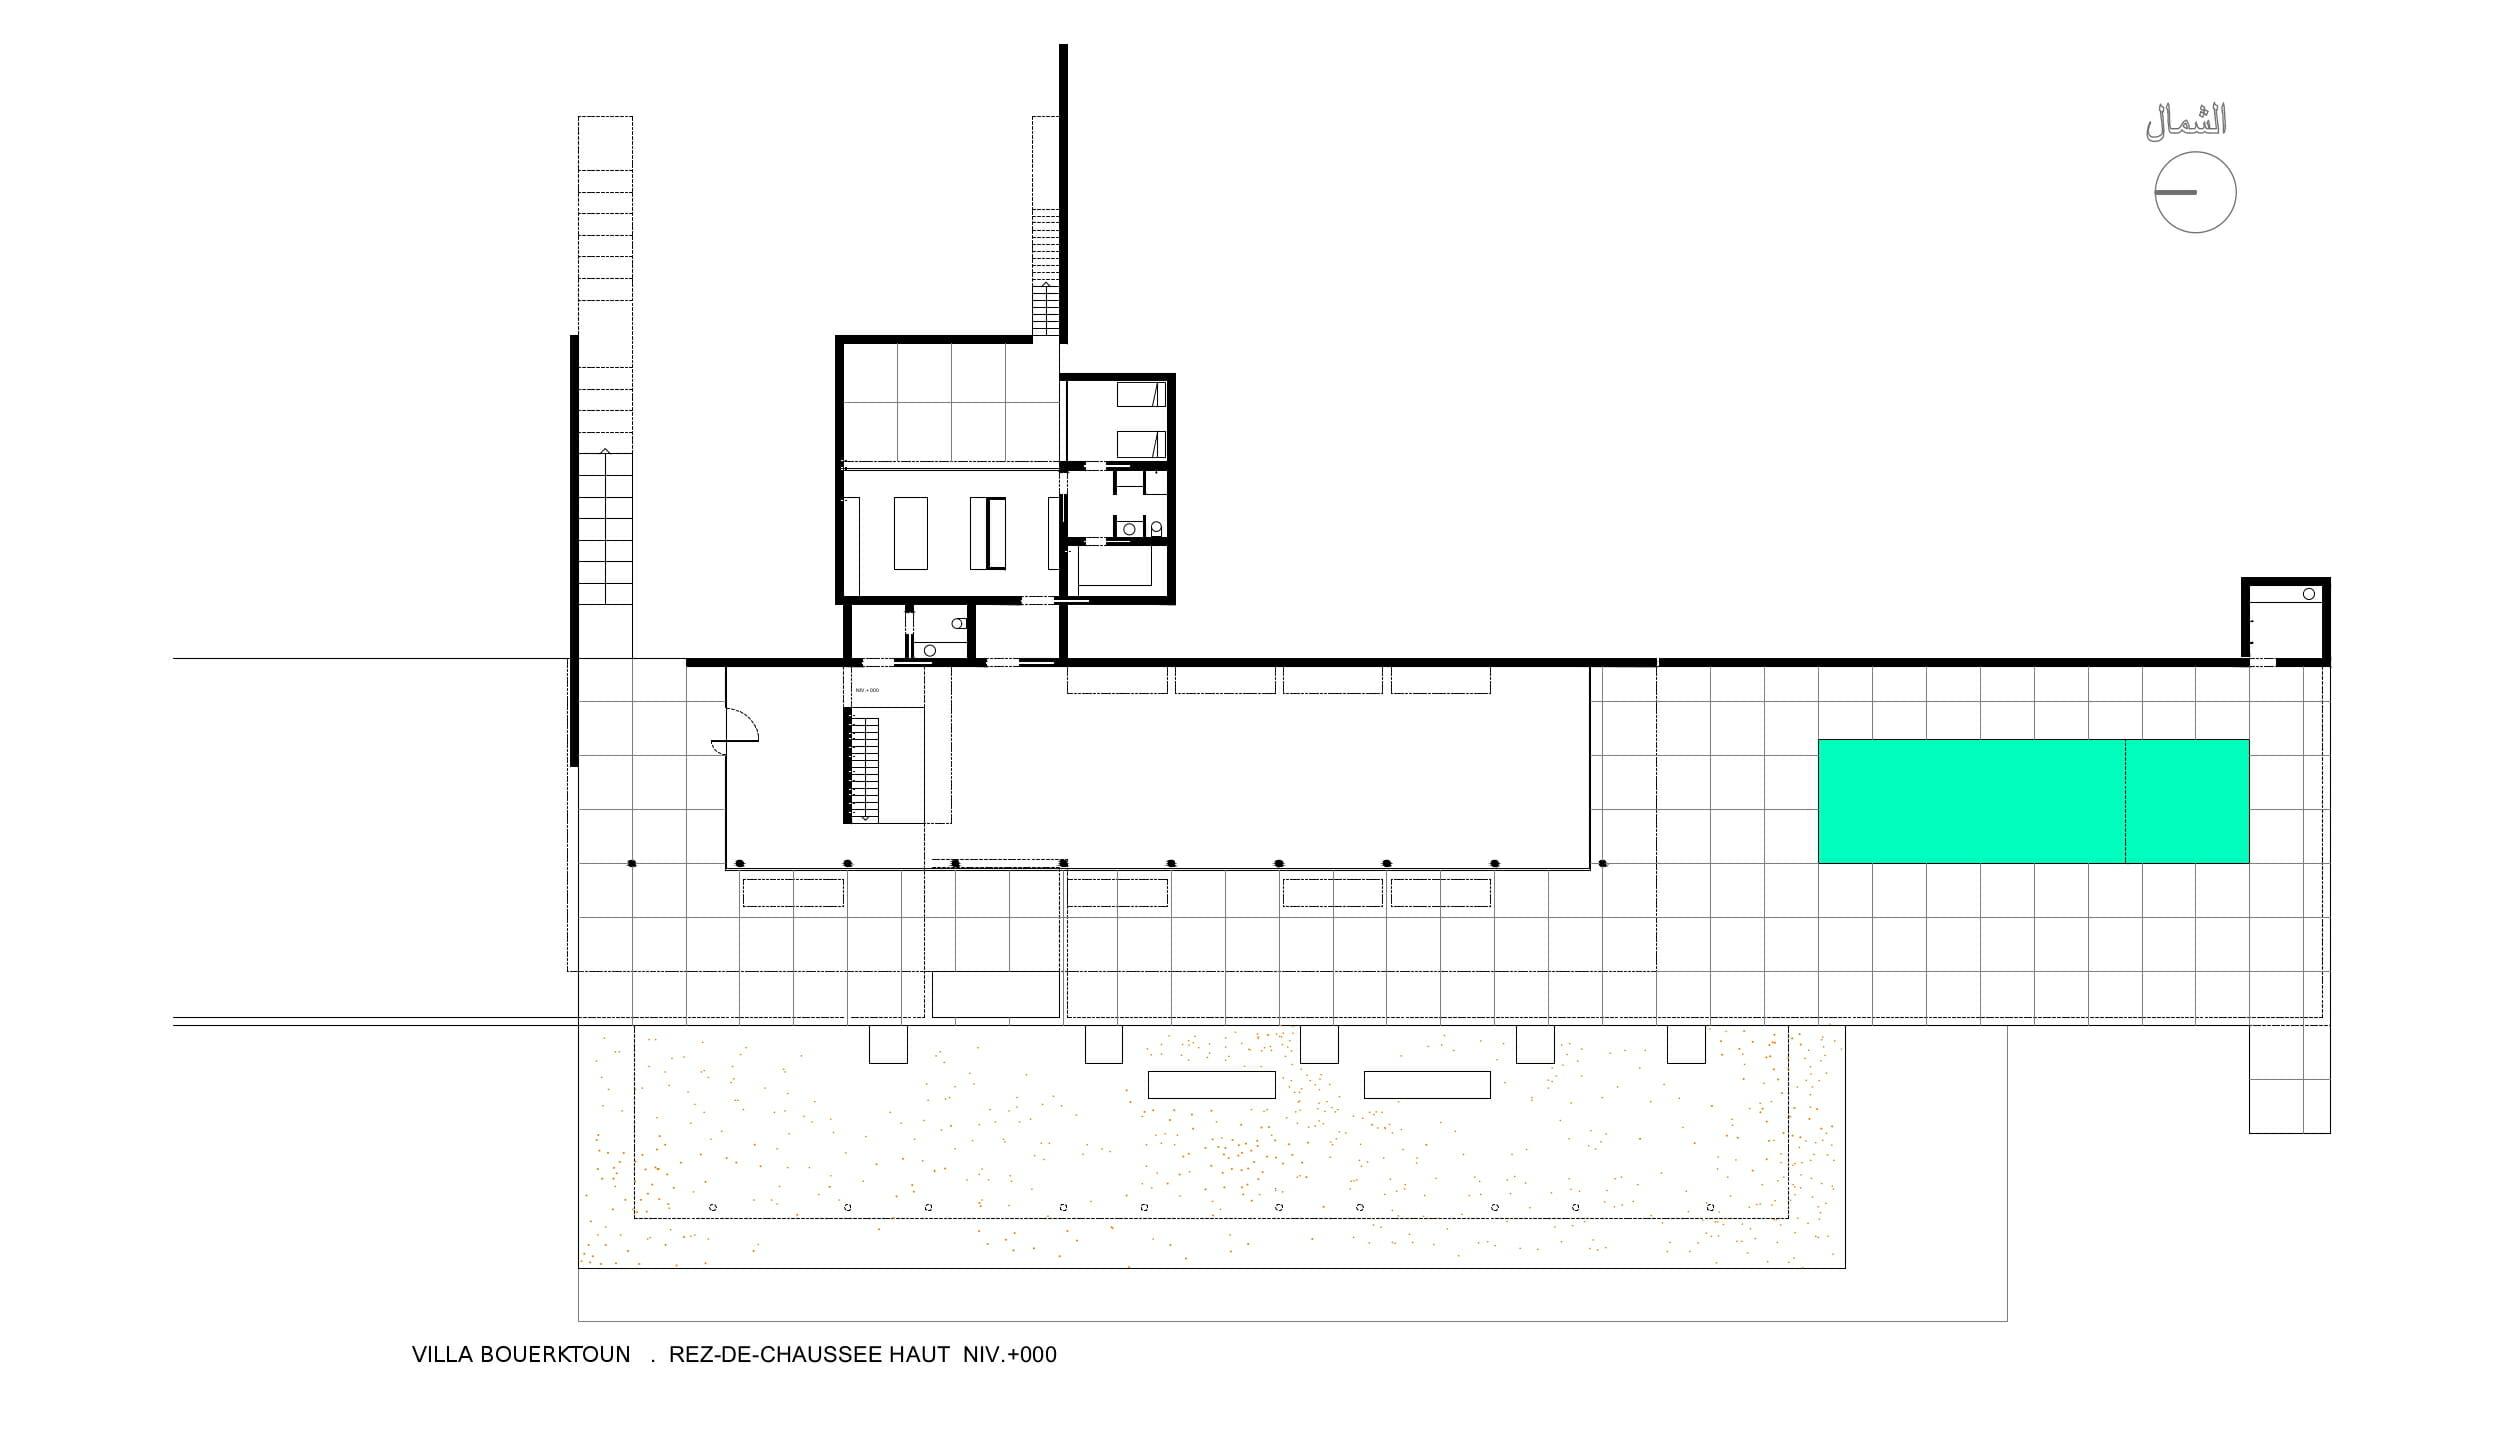 BOUZERKTOUN.plan-01-rdc-haut